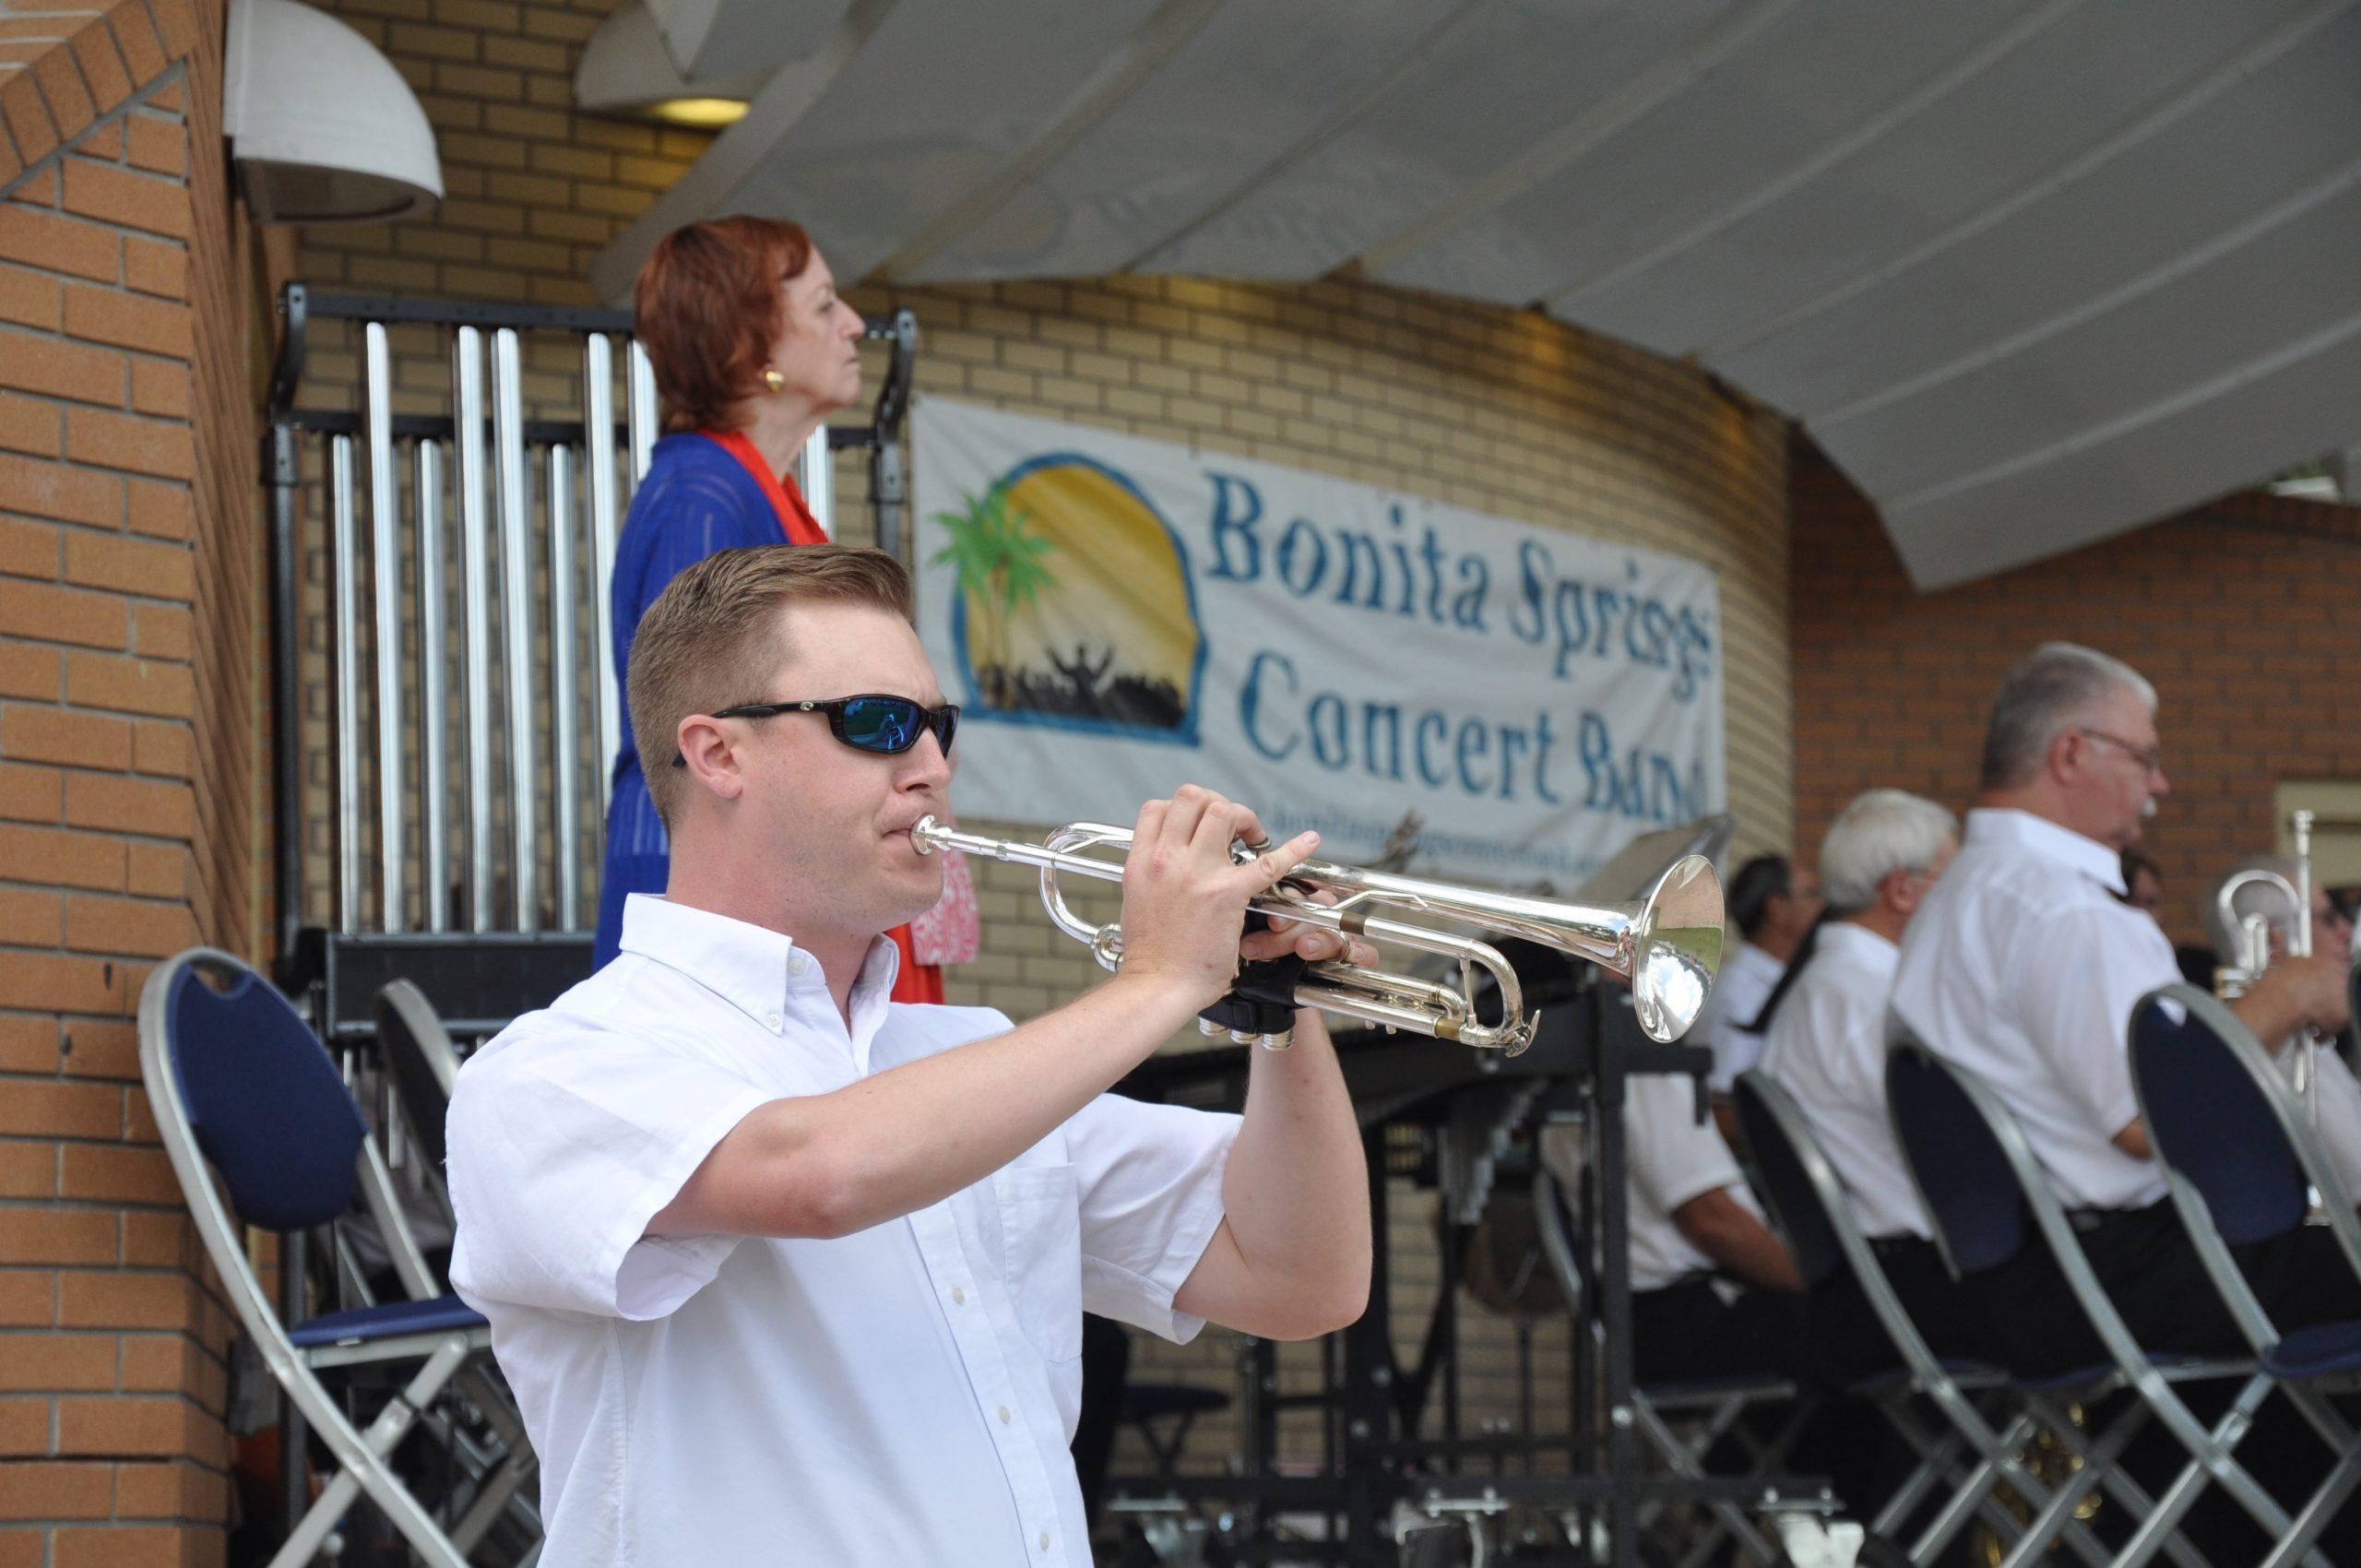 Bonita Springs Concert Band